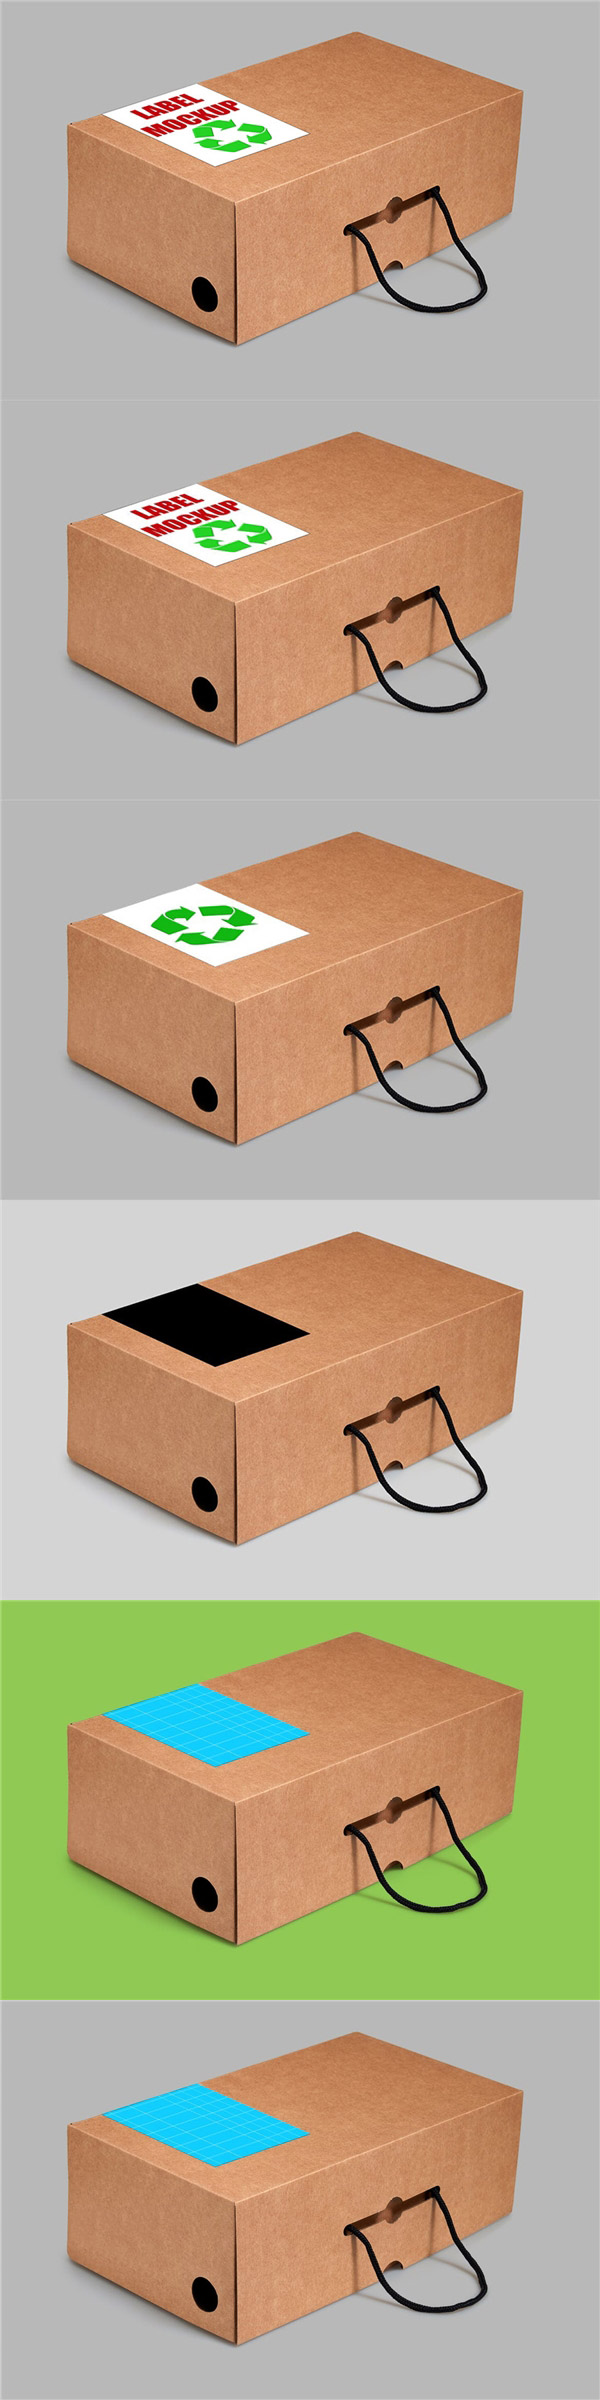 手提包装盒样机